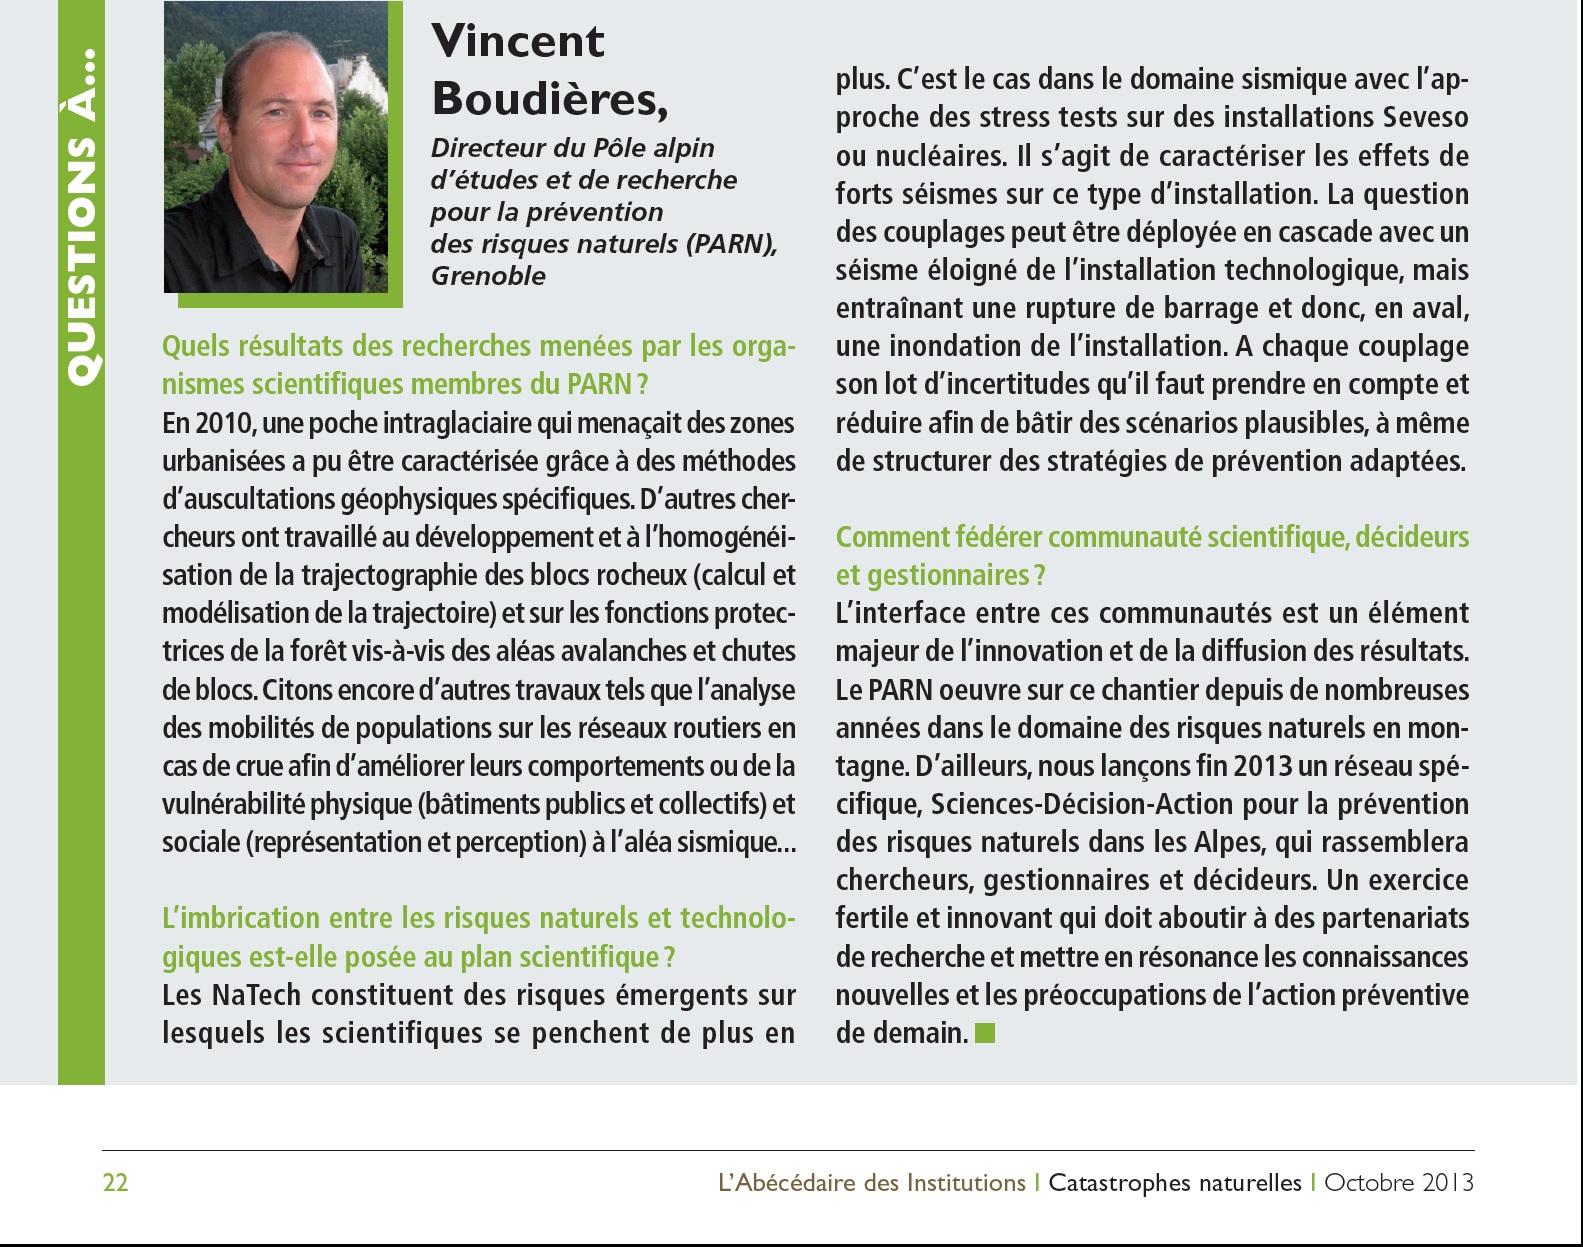 Interview De Vincent Boudieres Dans L Abecedaire Des Institutions Pole Alpin D Etudes Et De Recherche Pour La Prevention Des Risques Naturels Parn